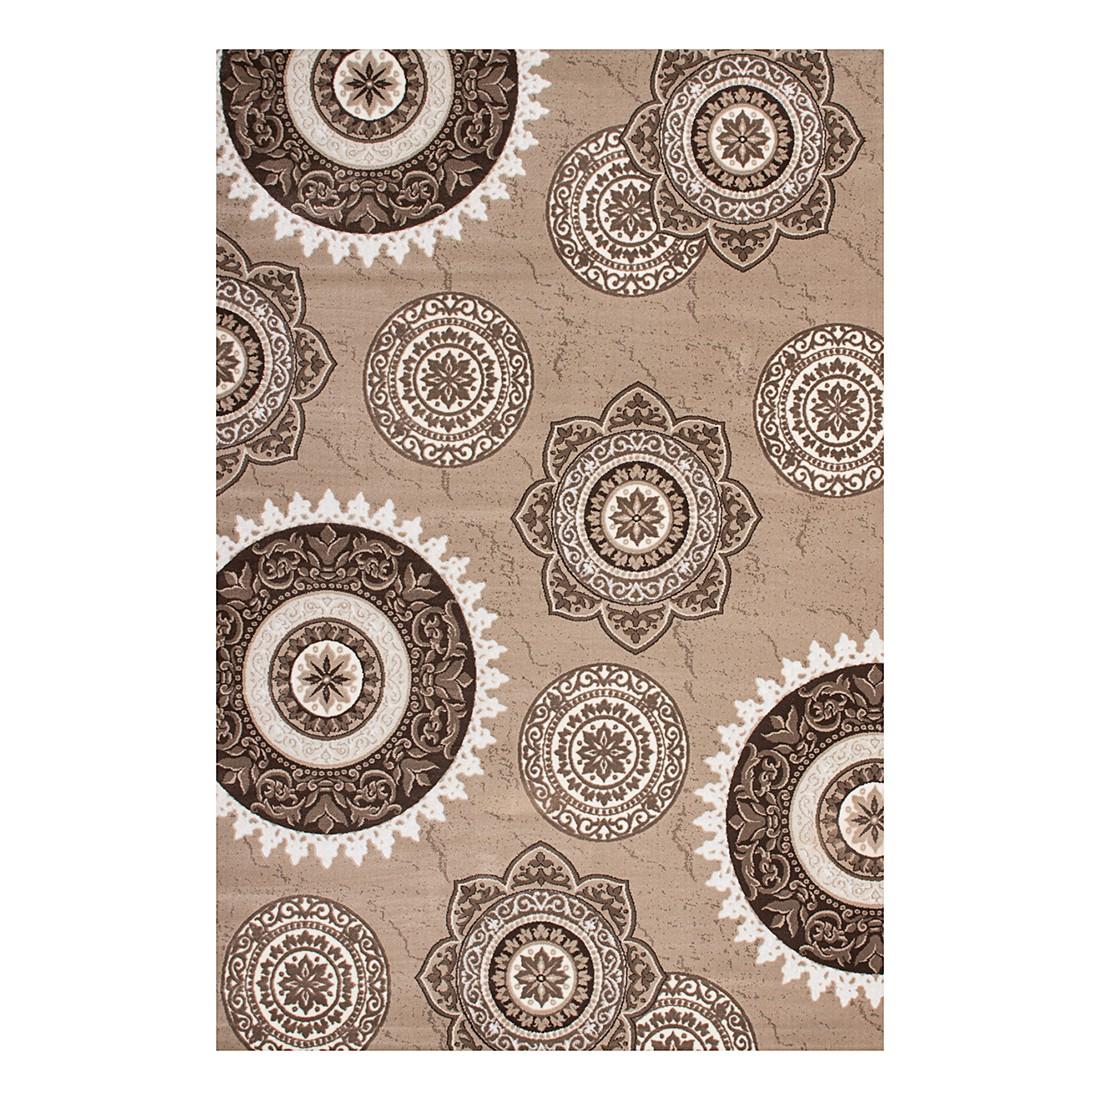 Teppich Aura – Beige – 160 x 230 cm, Kayoom kaufen